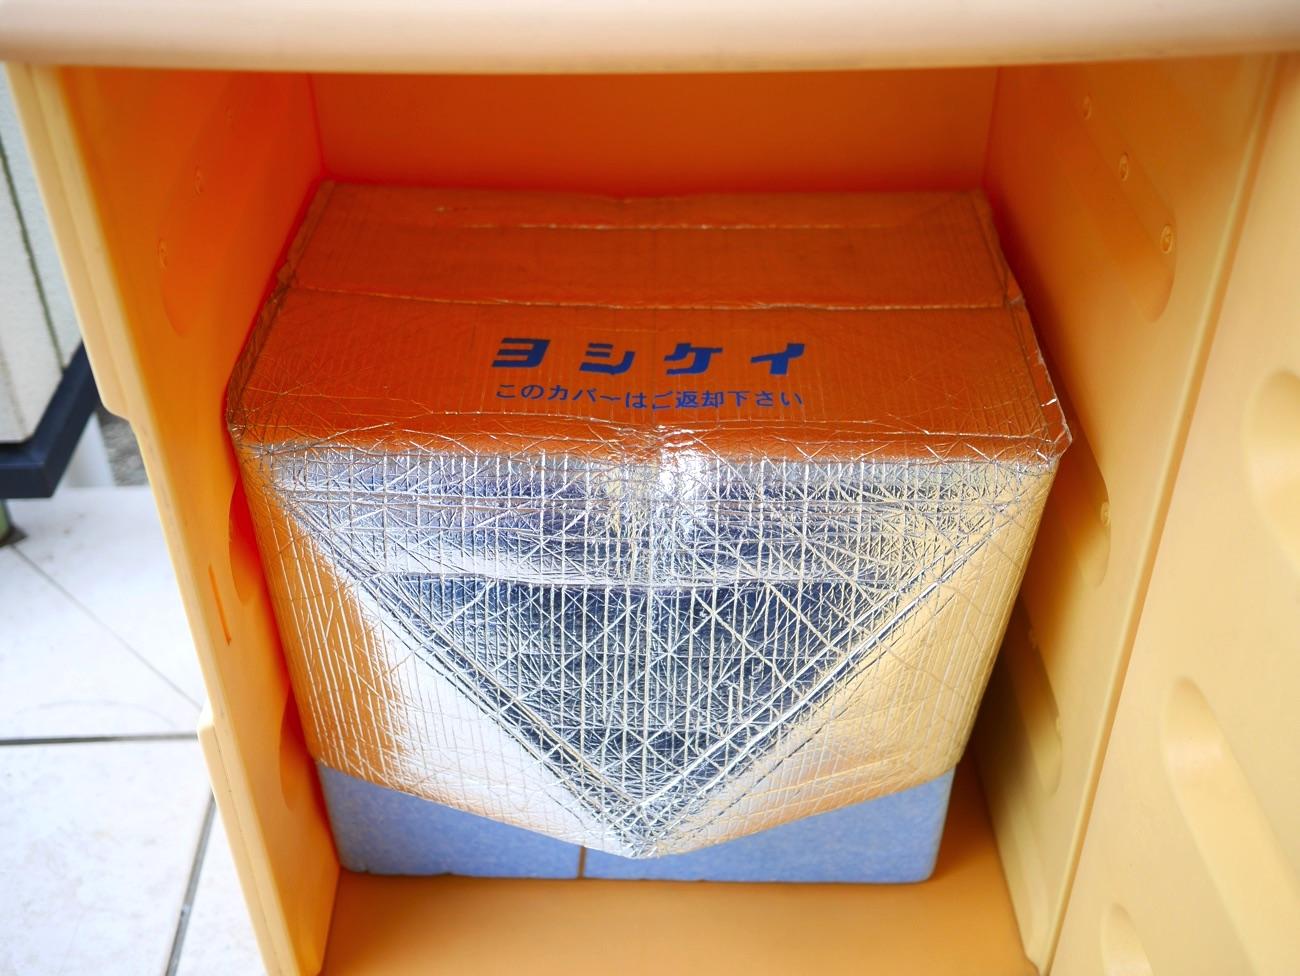 「クールBOX」が届いている